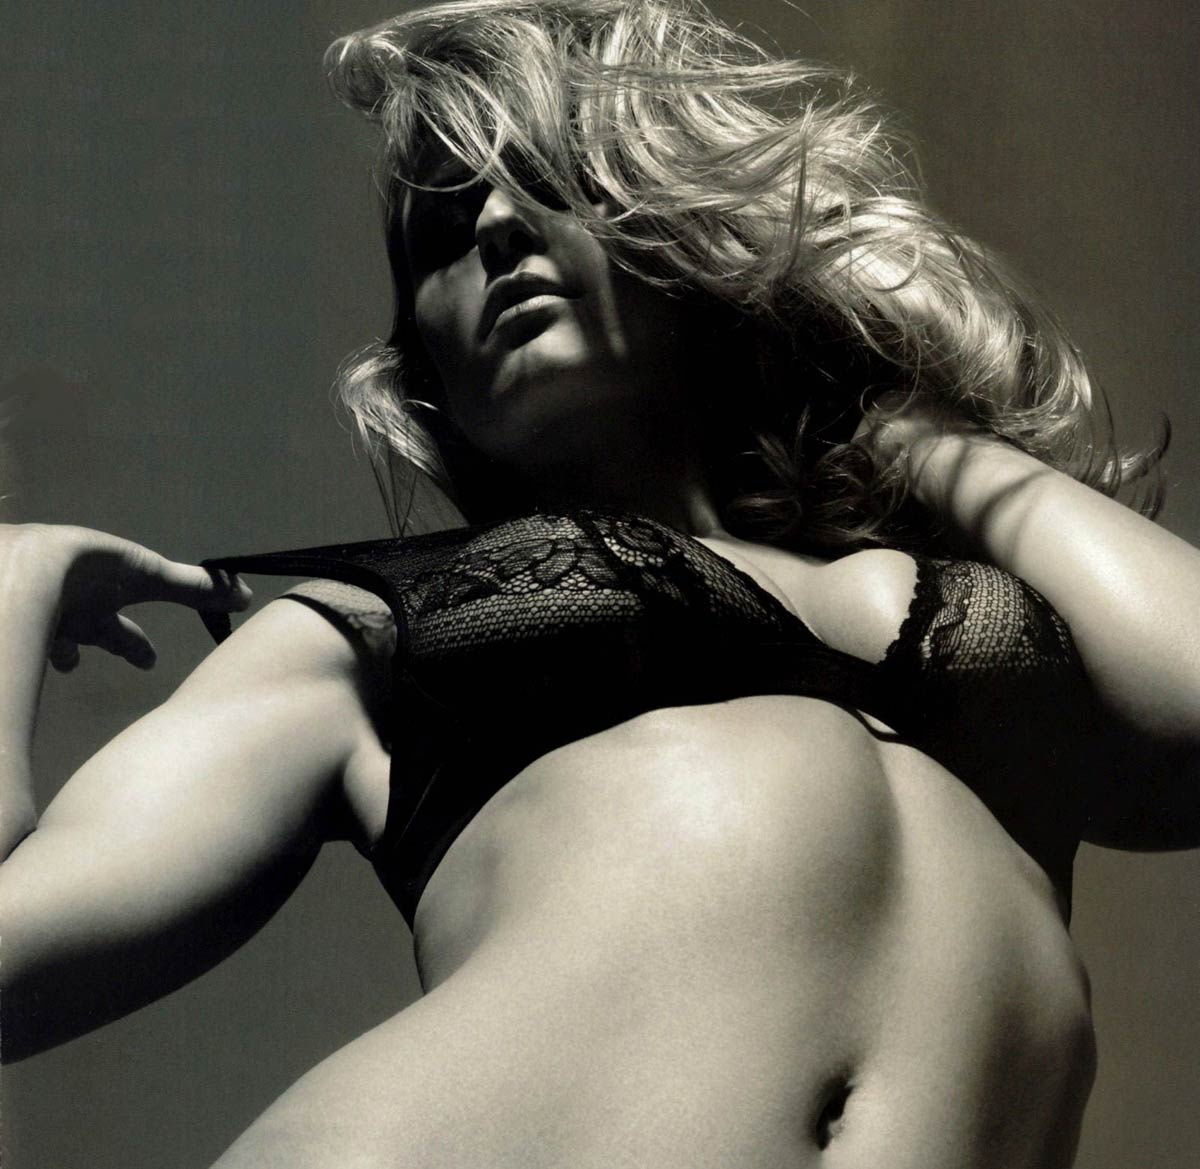 Самая большая и сексуальная девушка мира 28 фотография